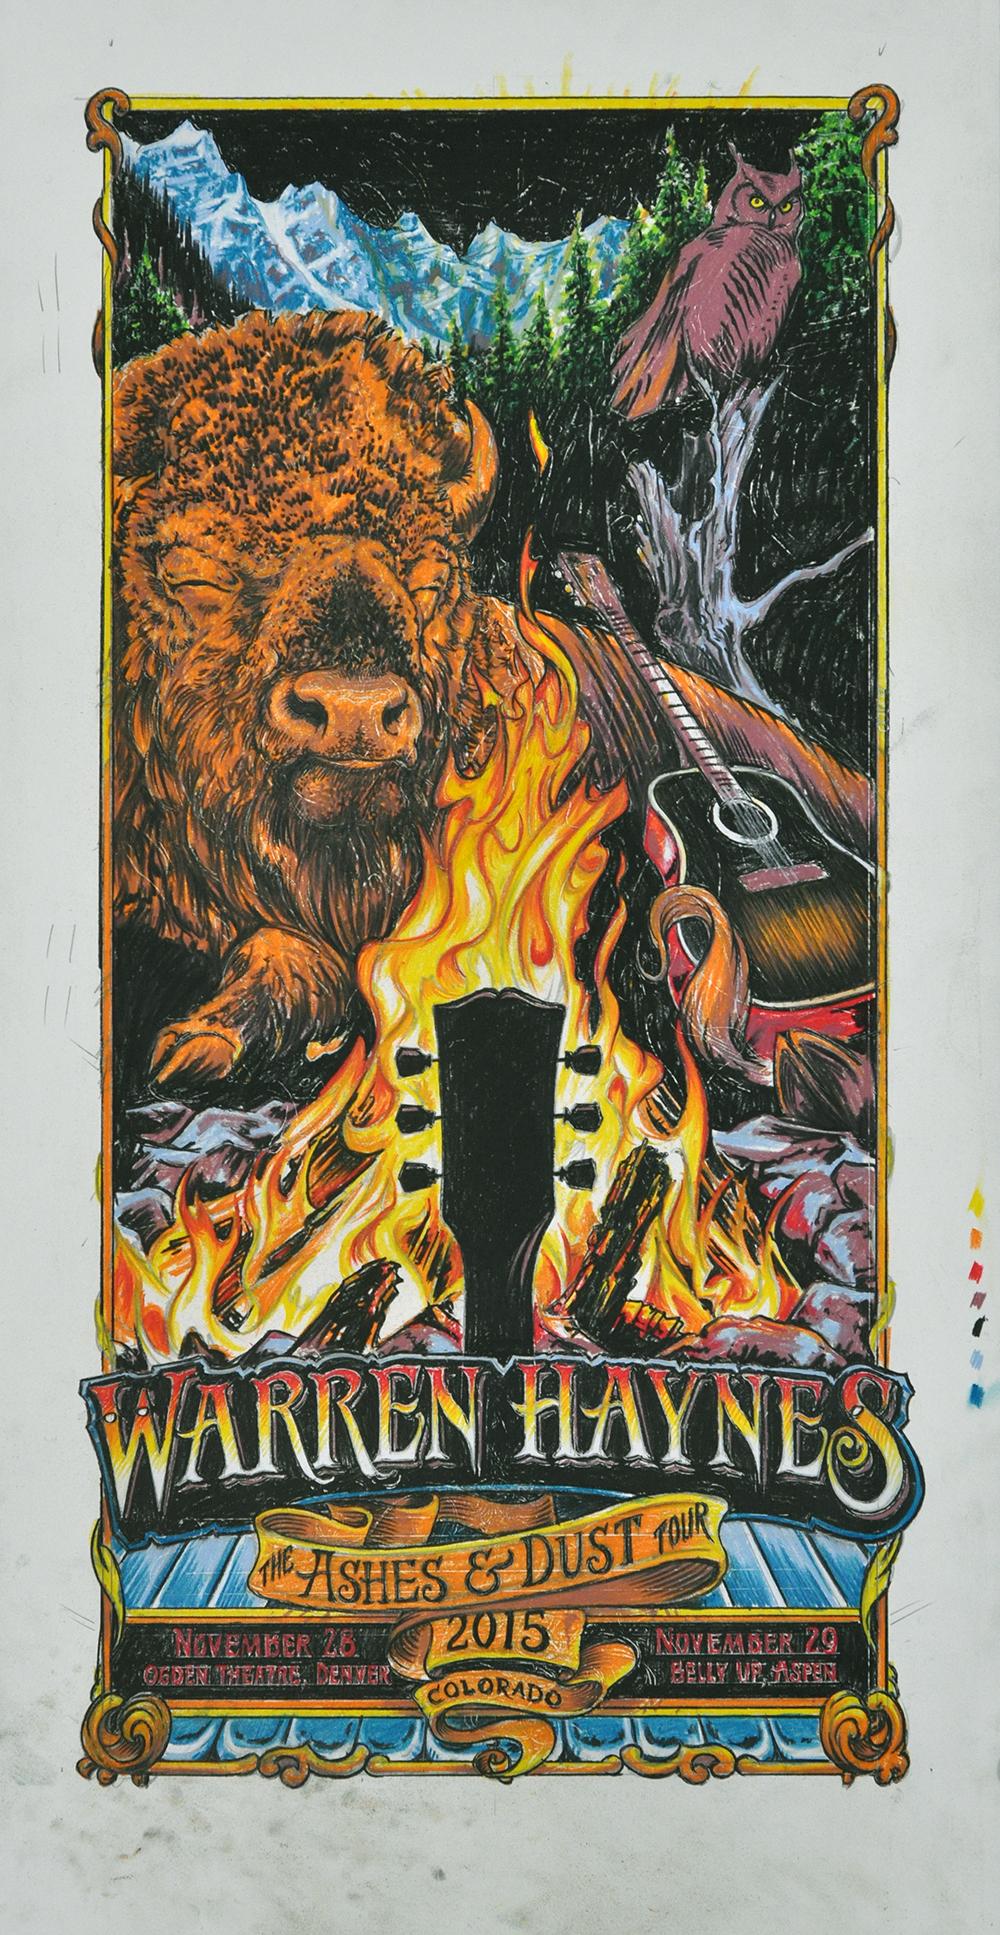 15WarrenHaynes_Colorado.jpg